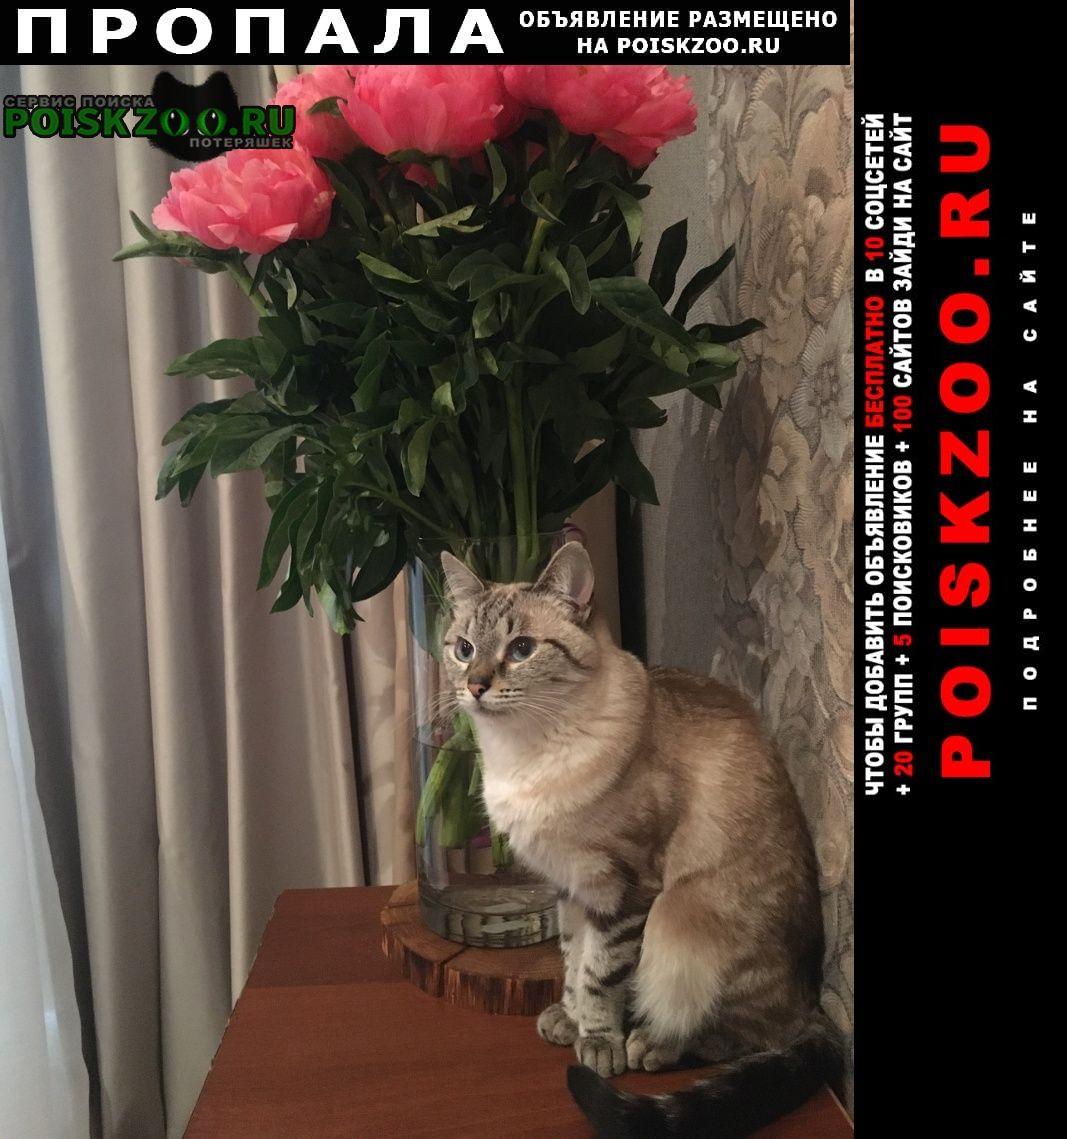 Пропала кошка 06 сентября в районе, 15 парковая улица Москва